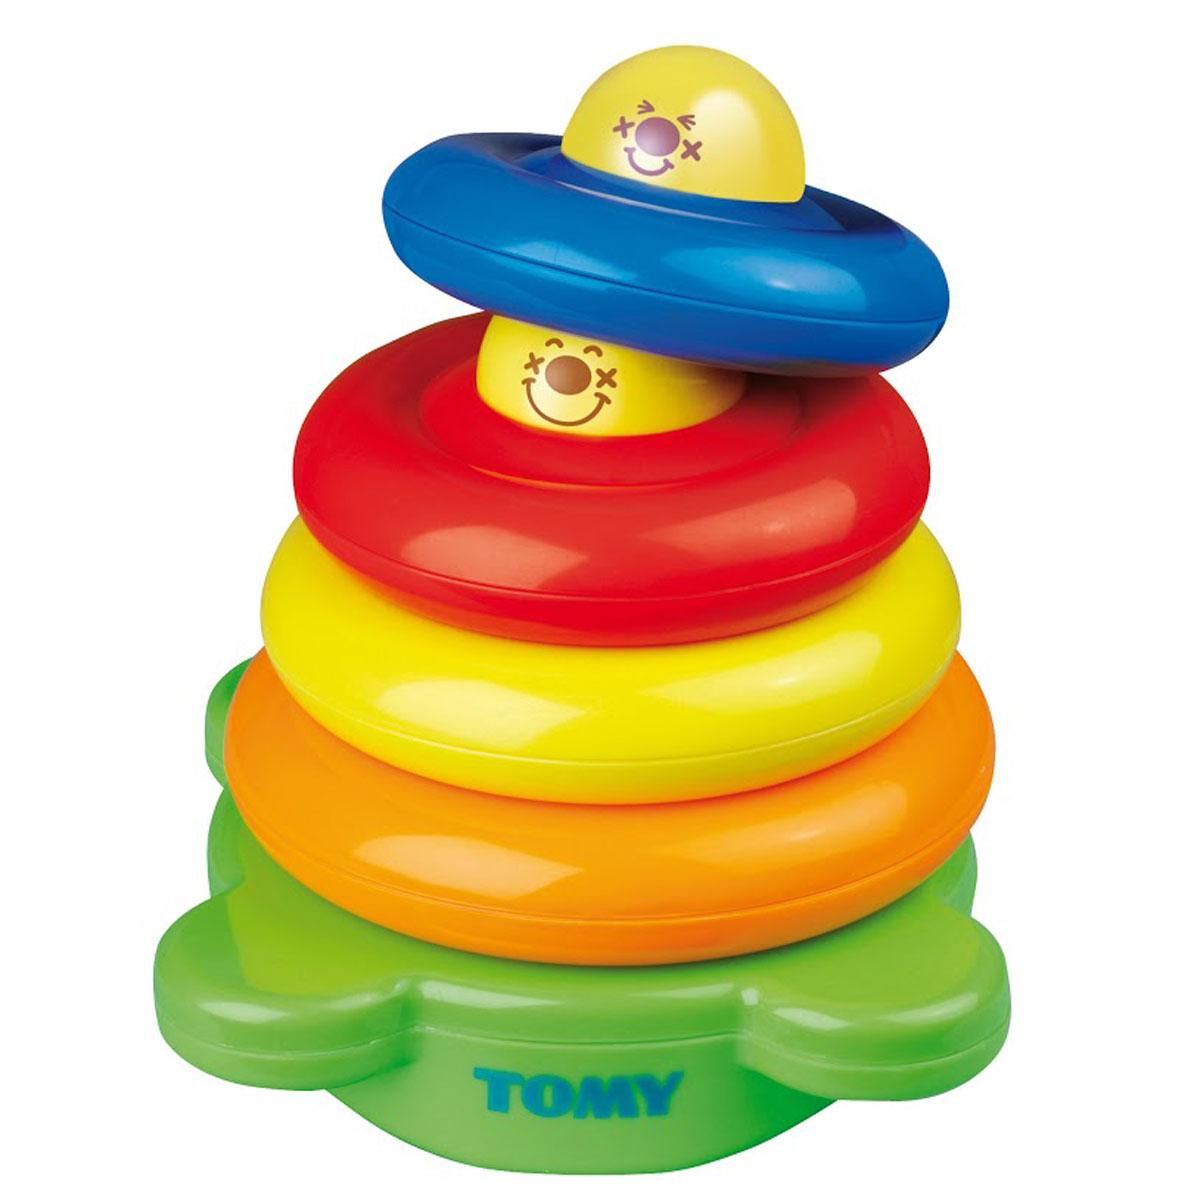 Tomy Развивающая игрушка-сортер Веселая Пирамидка купить веселый шарик tomy